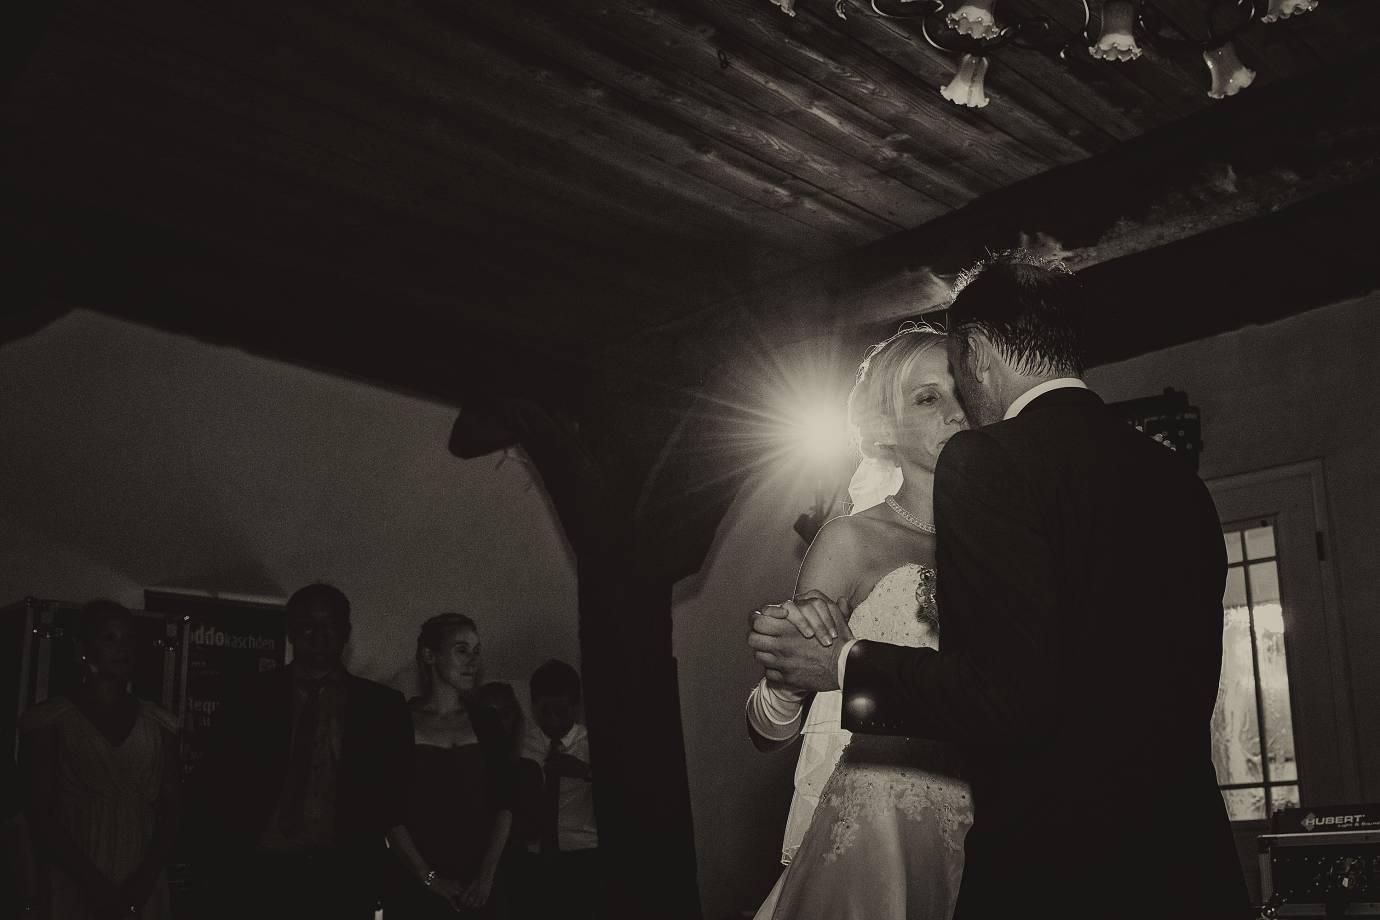 hochzeitsfotograf kirchseelte 176 - Sabrina+Lars